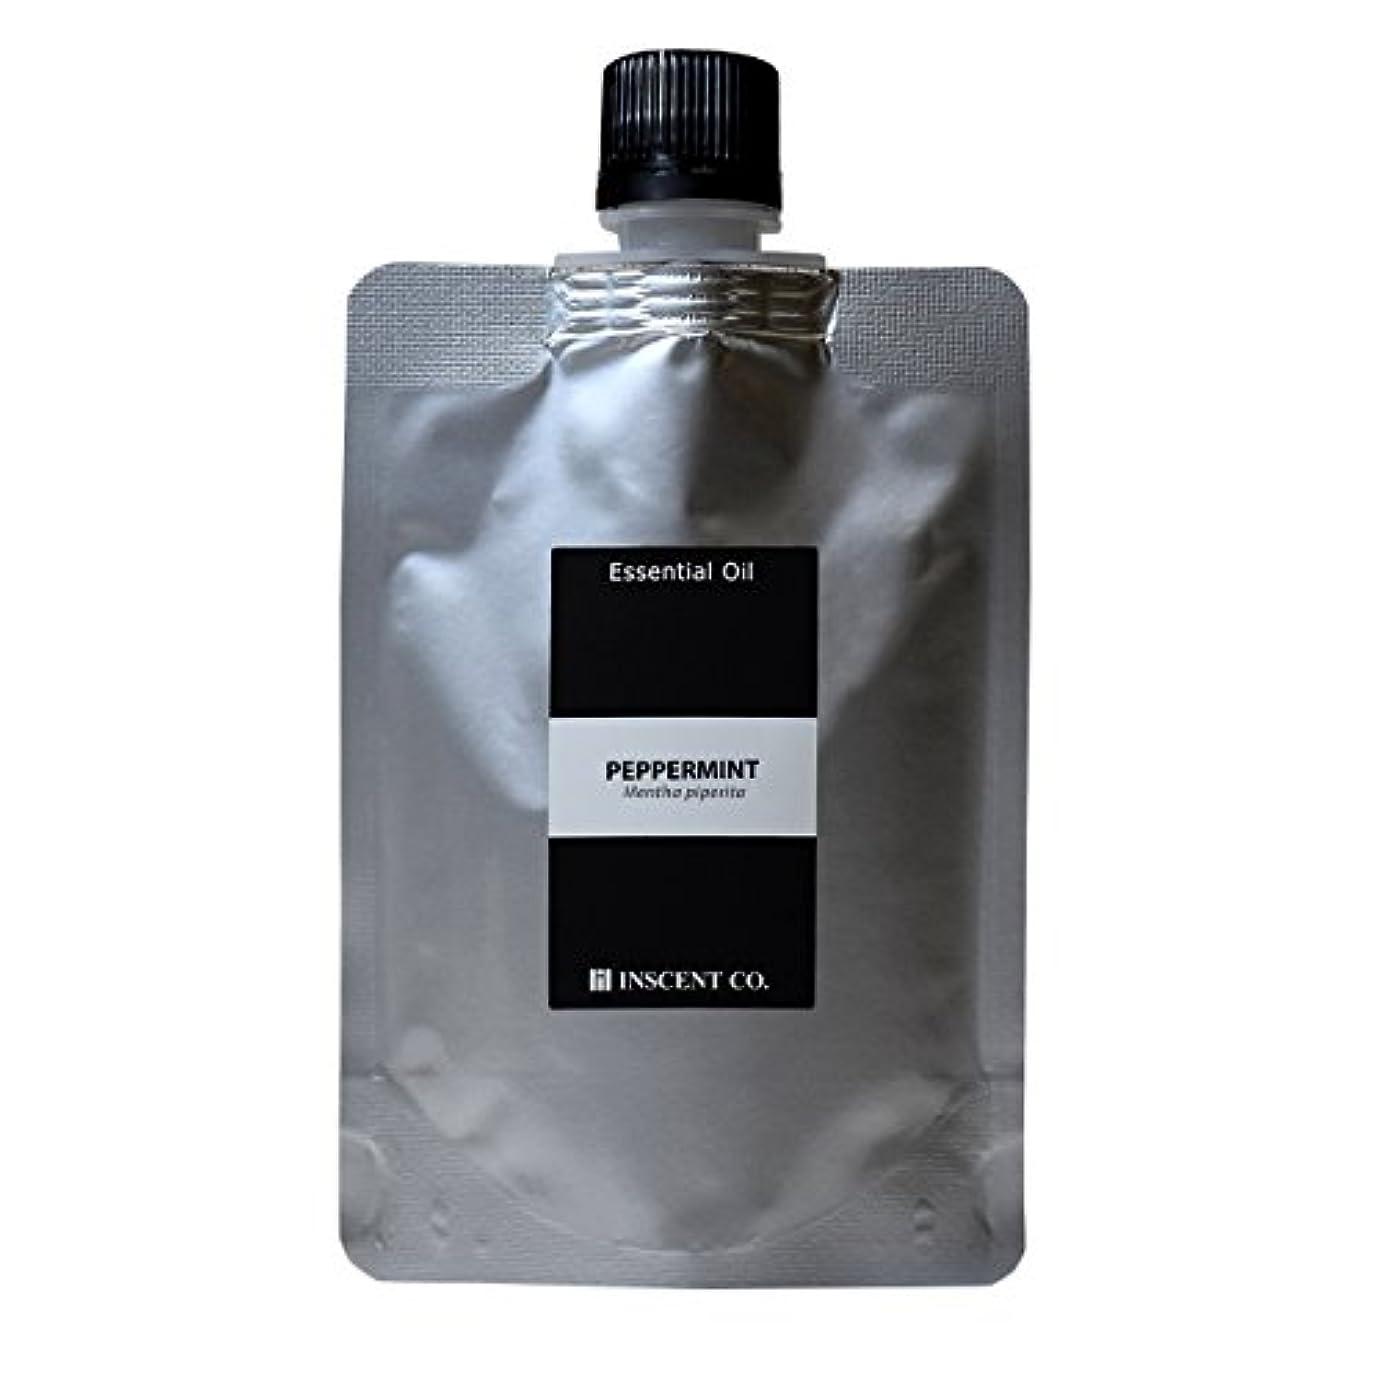 発送広範囲食器棚(詰替用 アルミパック) ペパーミント 50ml インセント アロマオイル AEAJ 表示基準適合認定精油